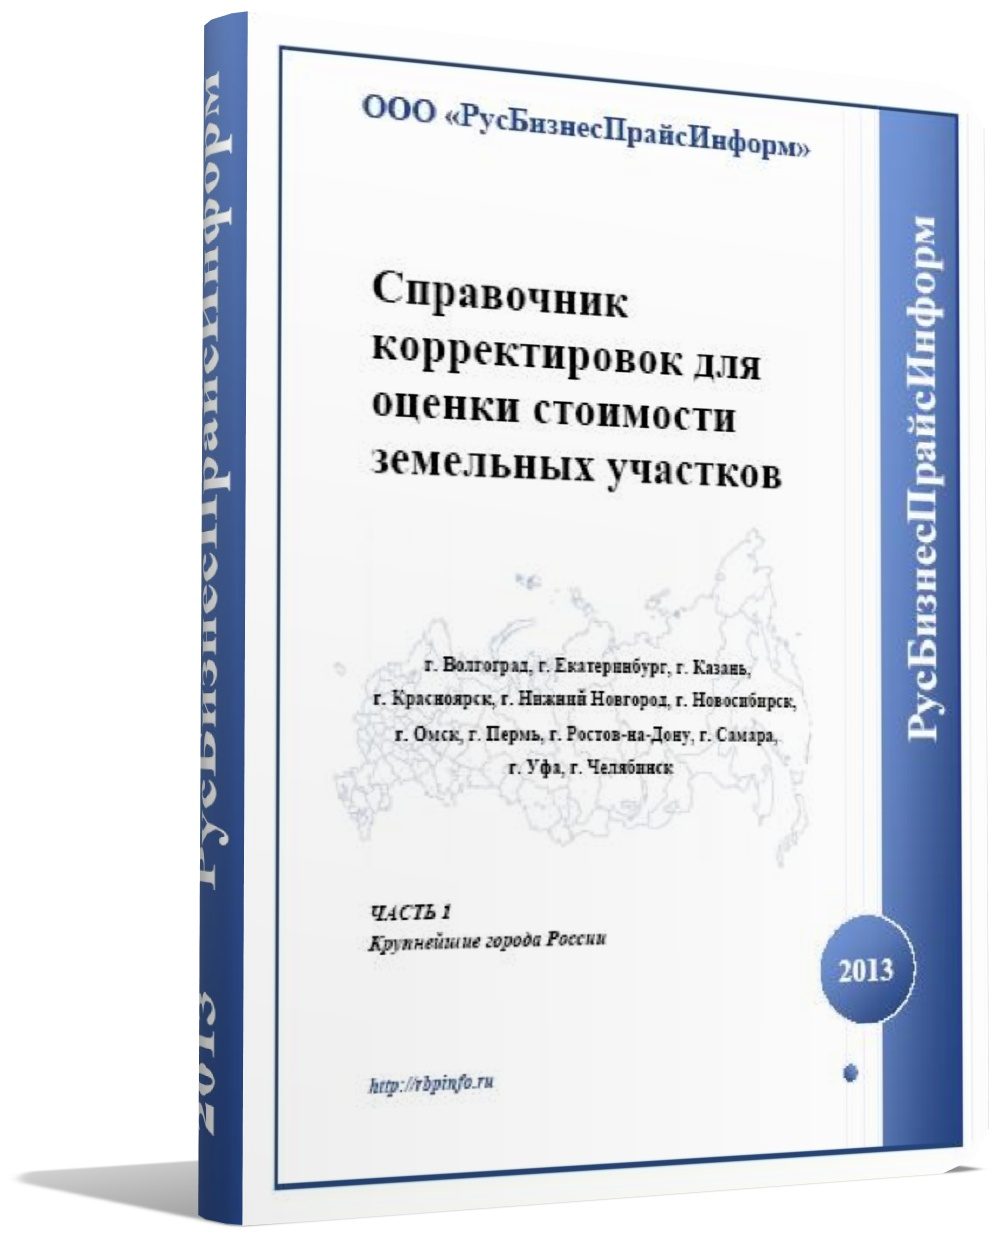 Справочниккорректировок для оценки стоимости земельных участков  (Часть 1) 2013